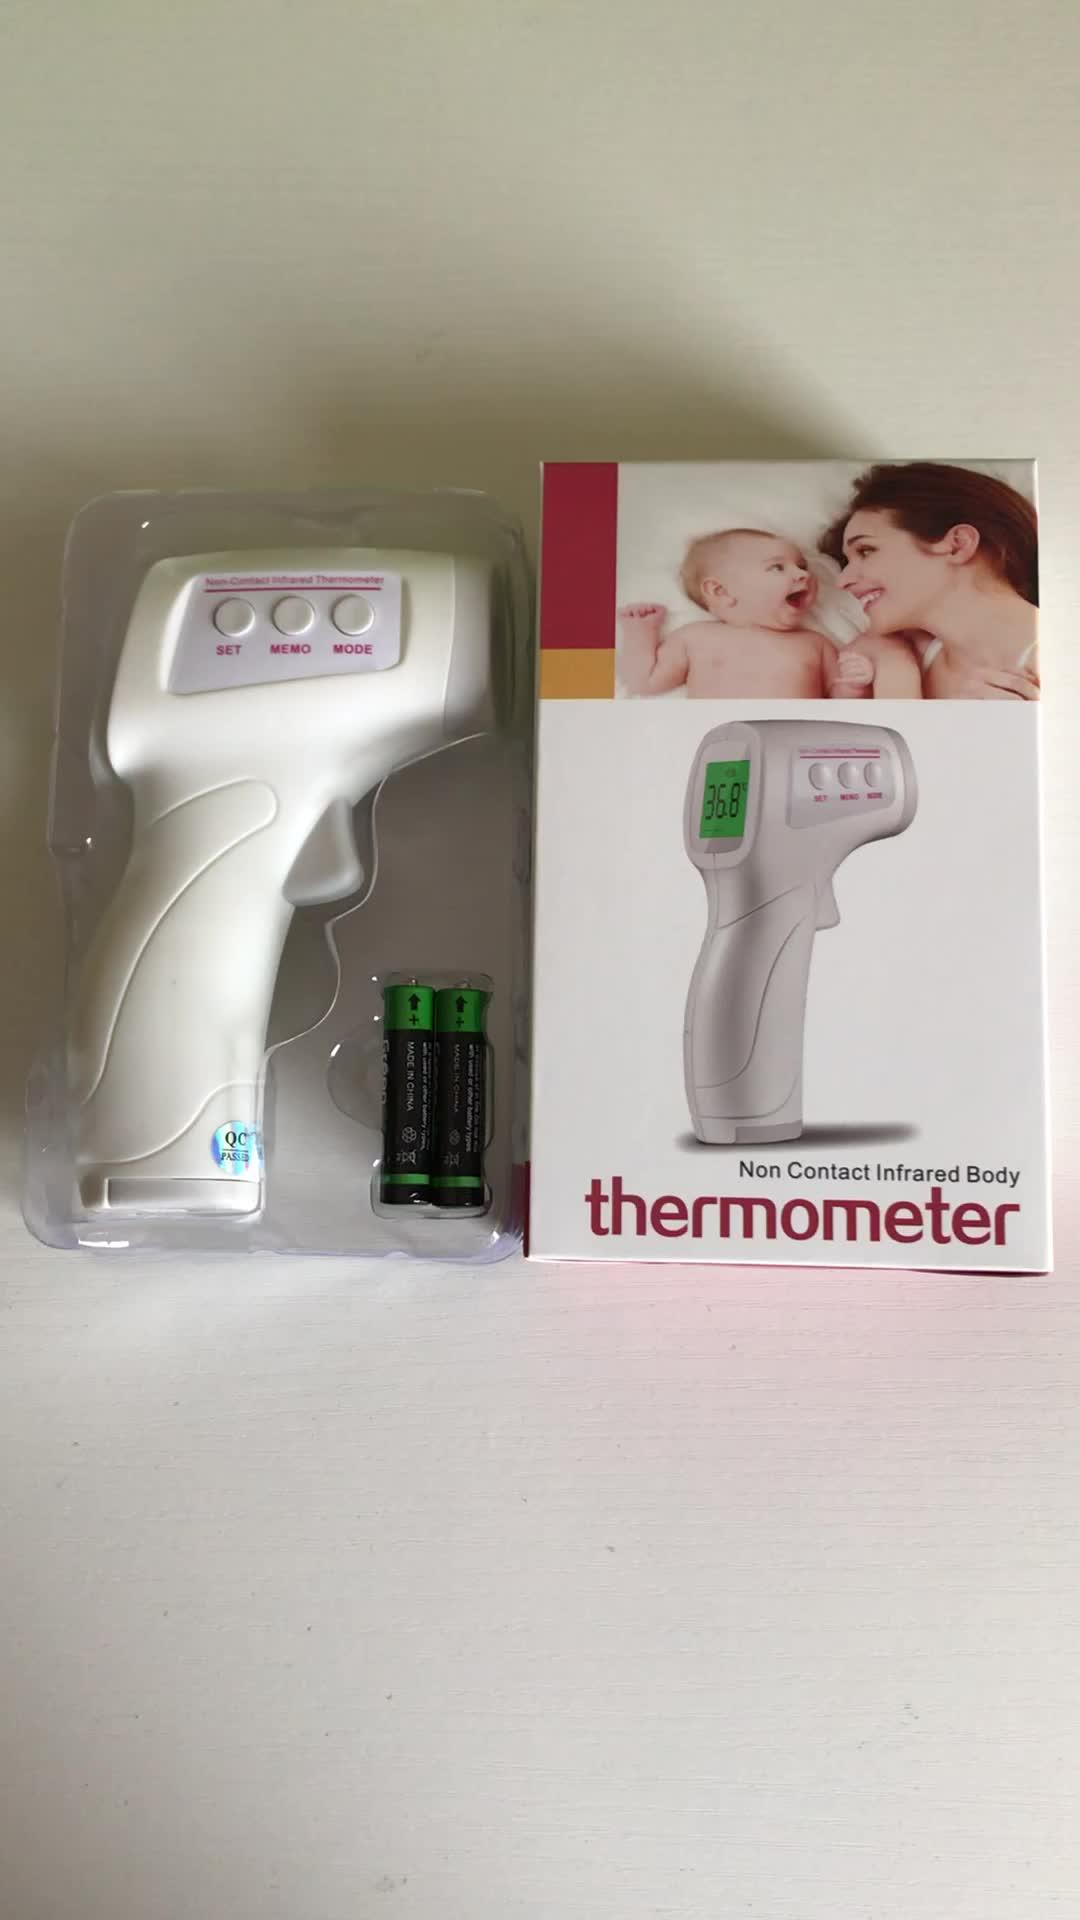 2019 moins cher plus récent 3 couleurs rétro-éclairé bébé enfant bébé corps surface électronique sans contact front thermomètre infrarouge numérique